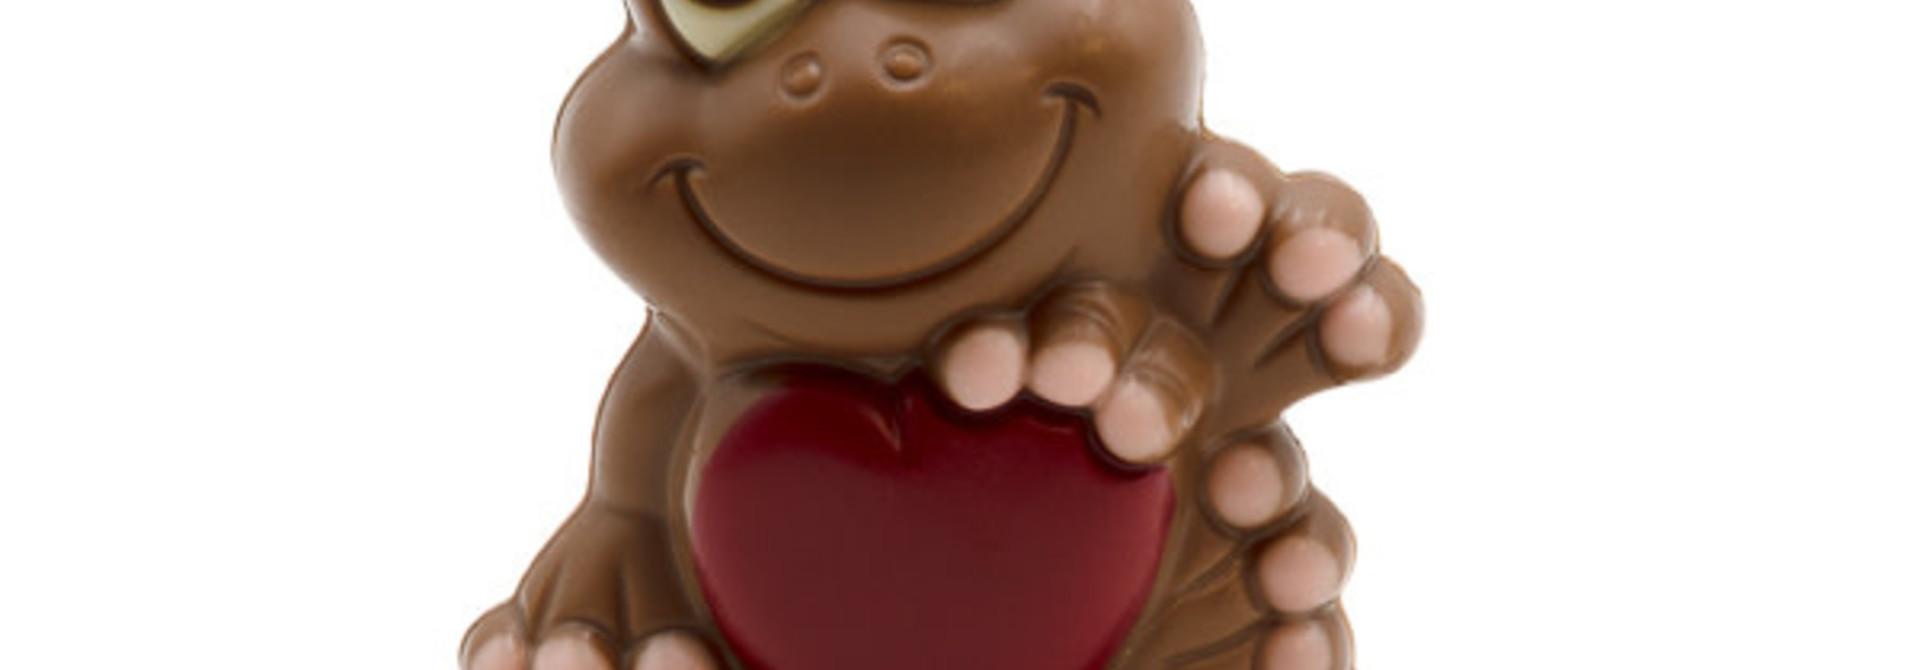 St. Valentine frog (milk)